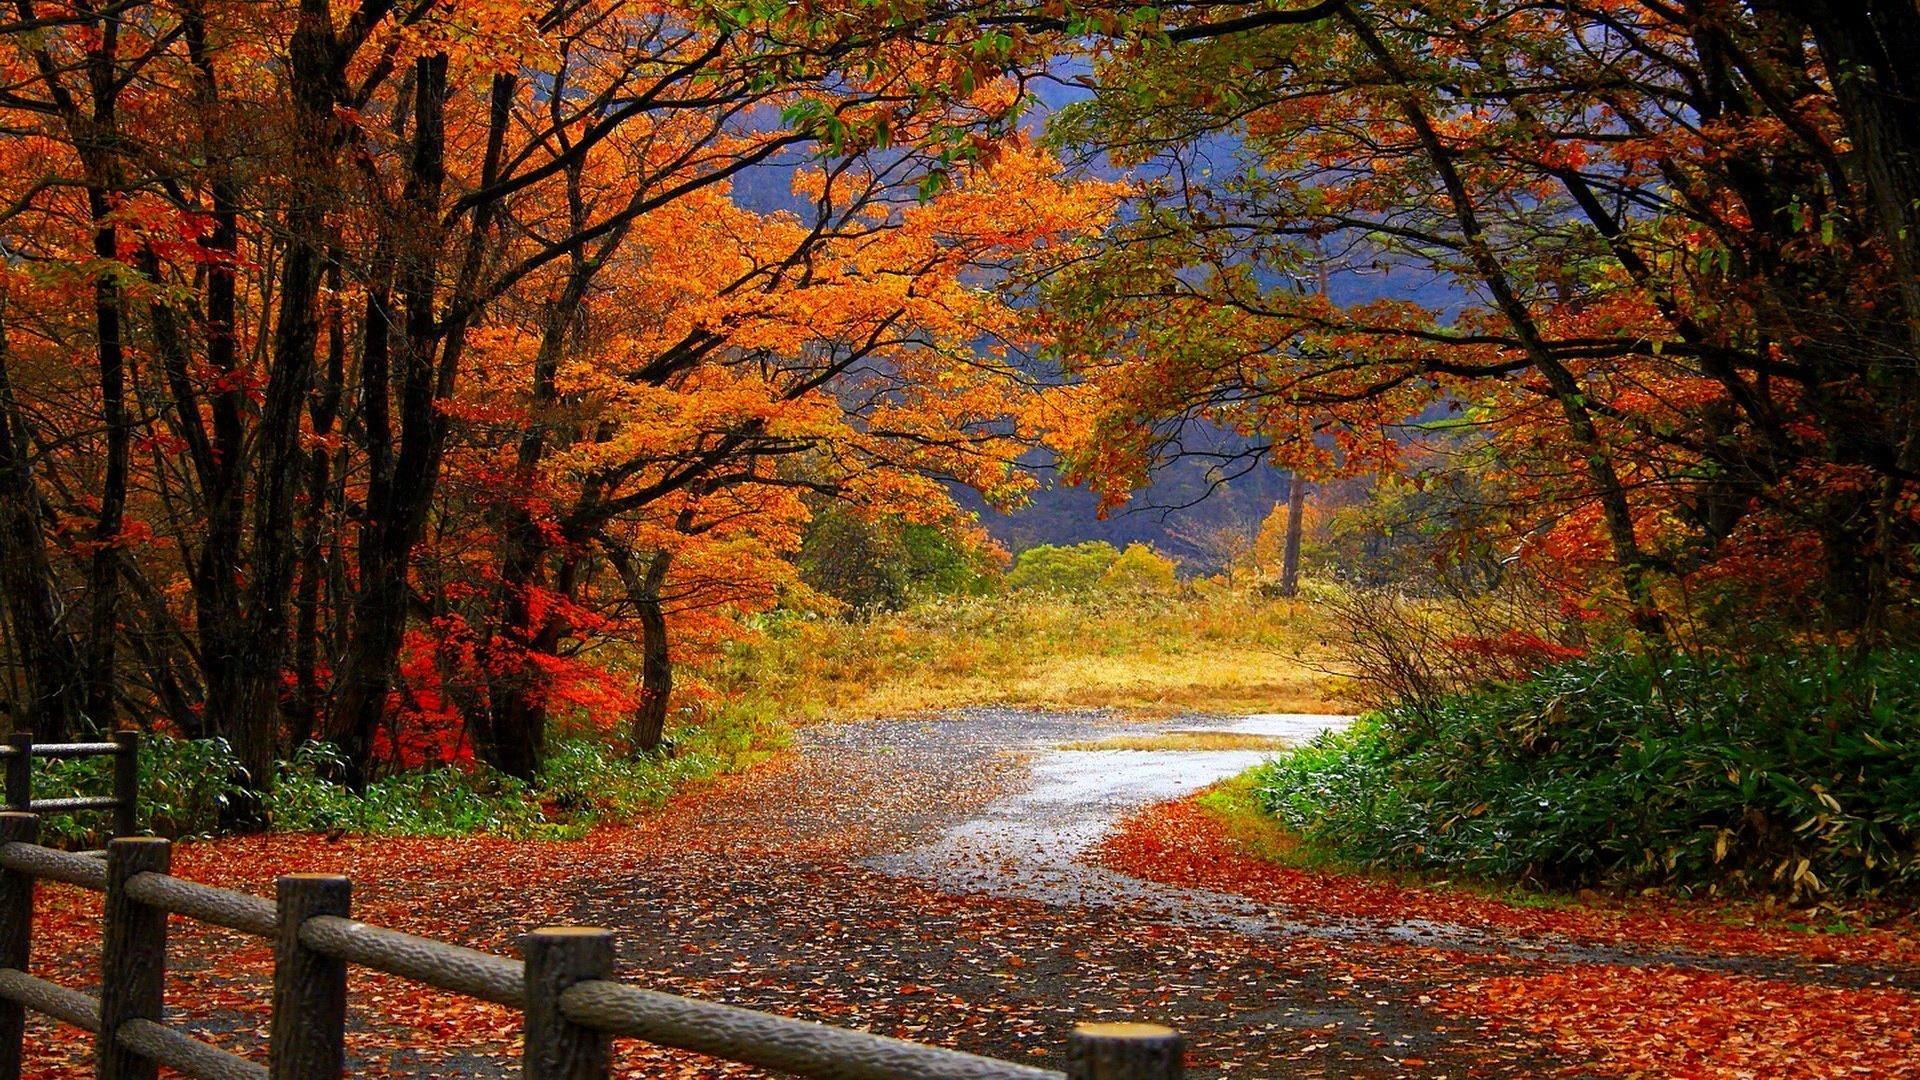 Equinozio d'autunno: curiosità e leggende